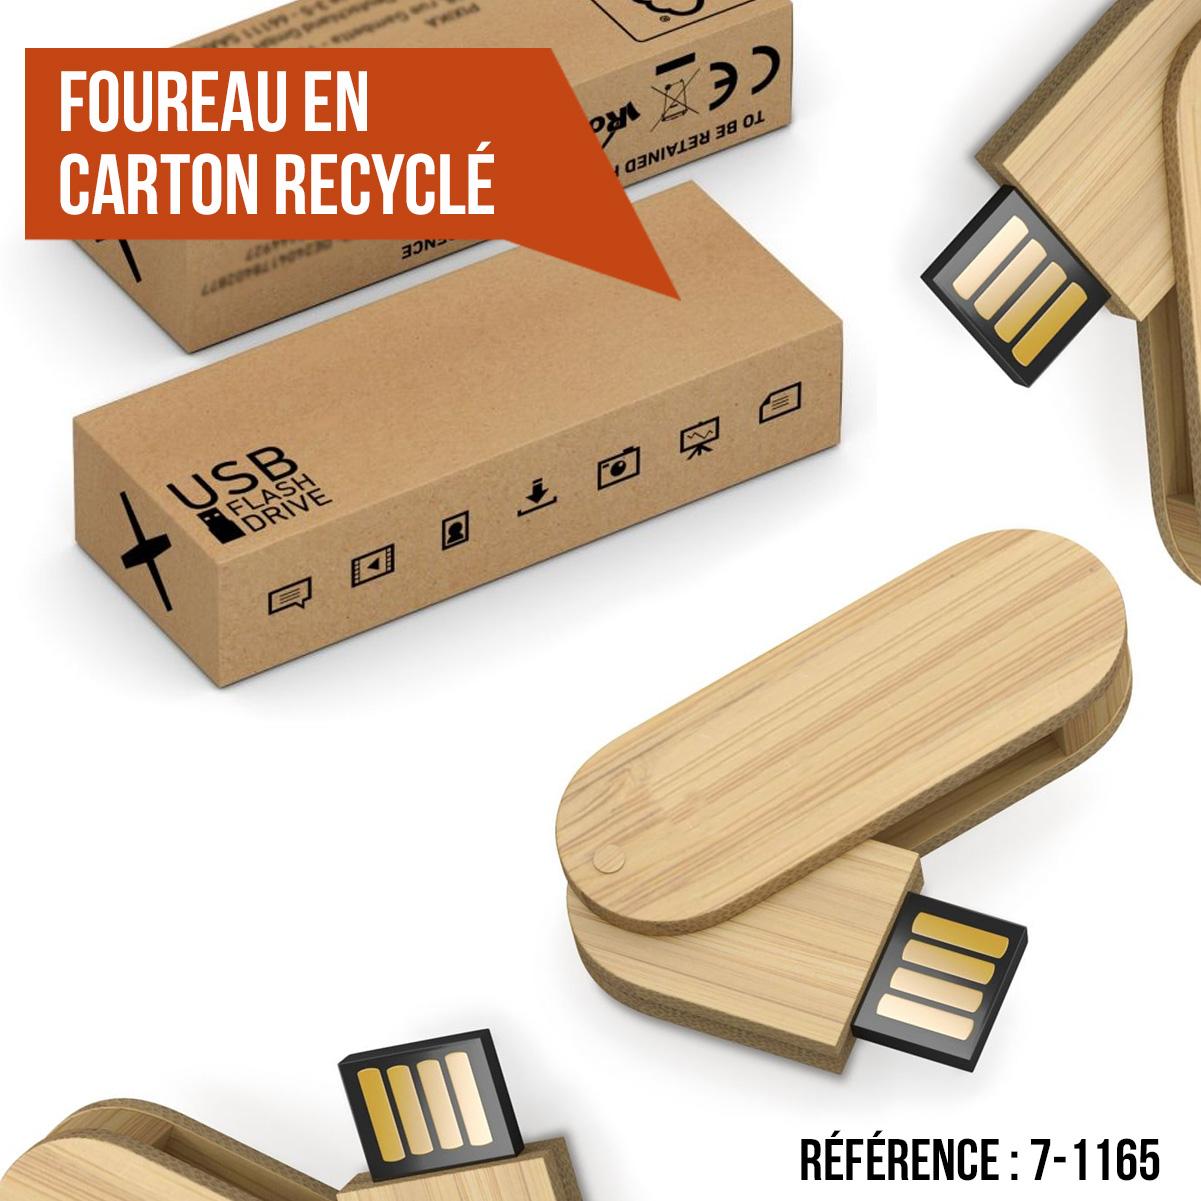 Oublions le plastique et privilégions le recyclé, le recyclable et le compostable